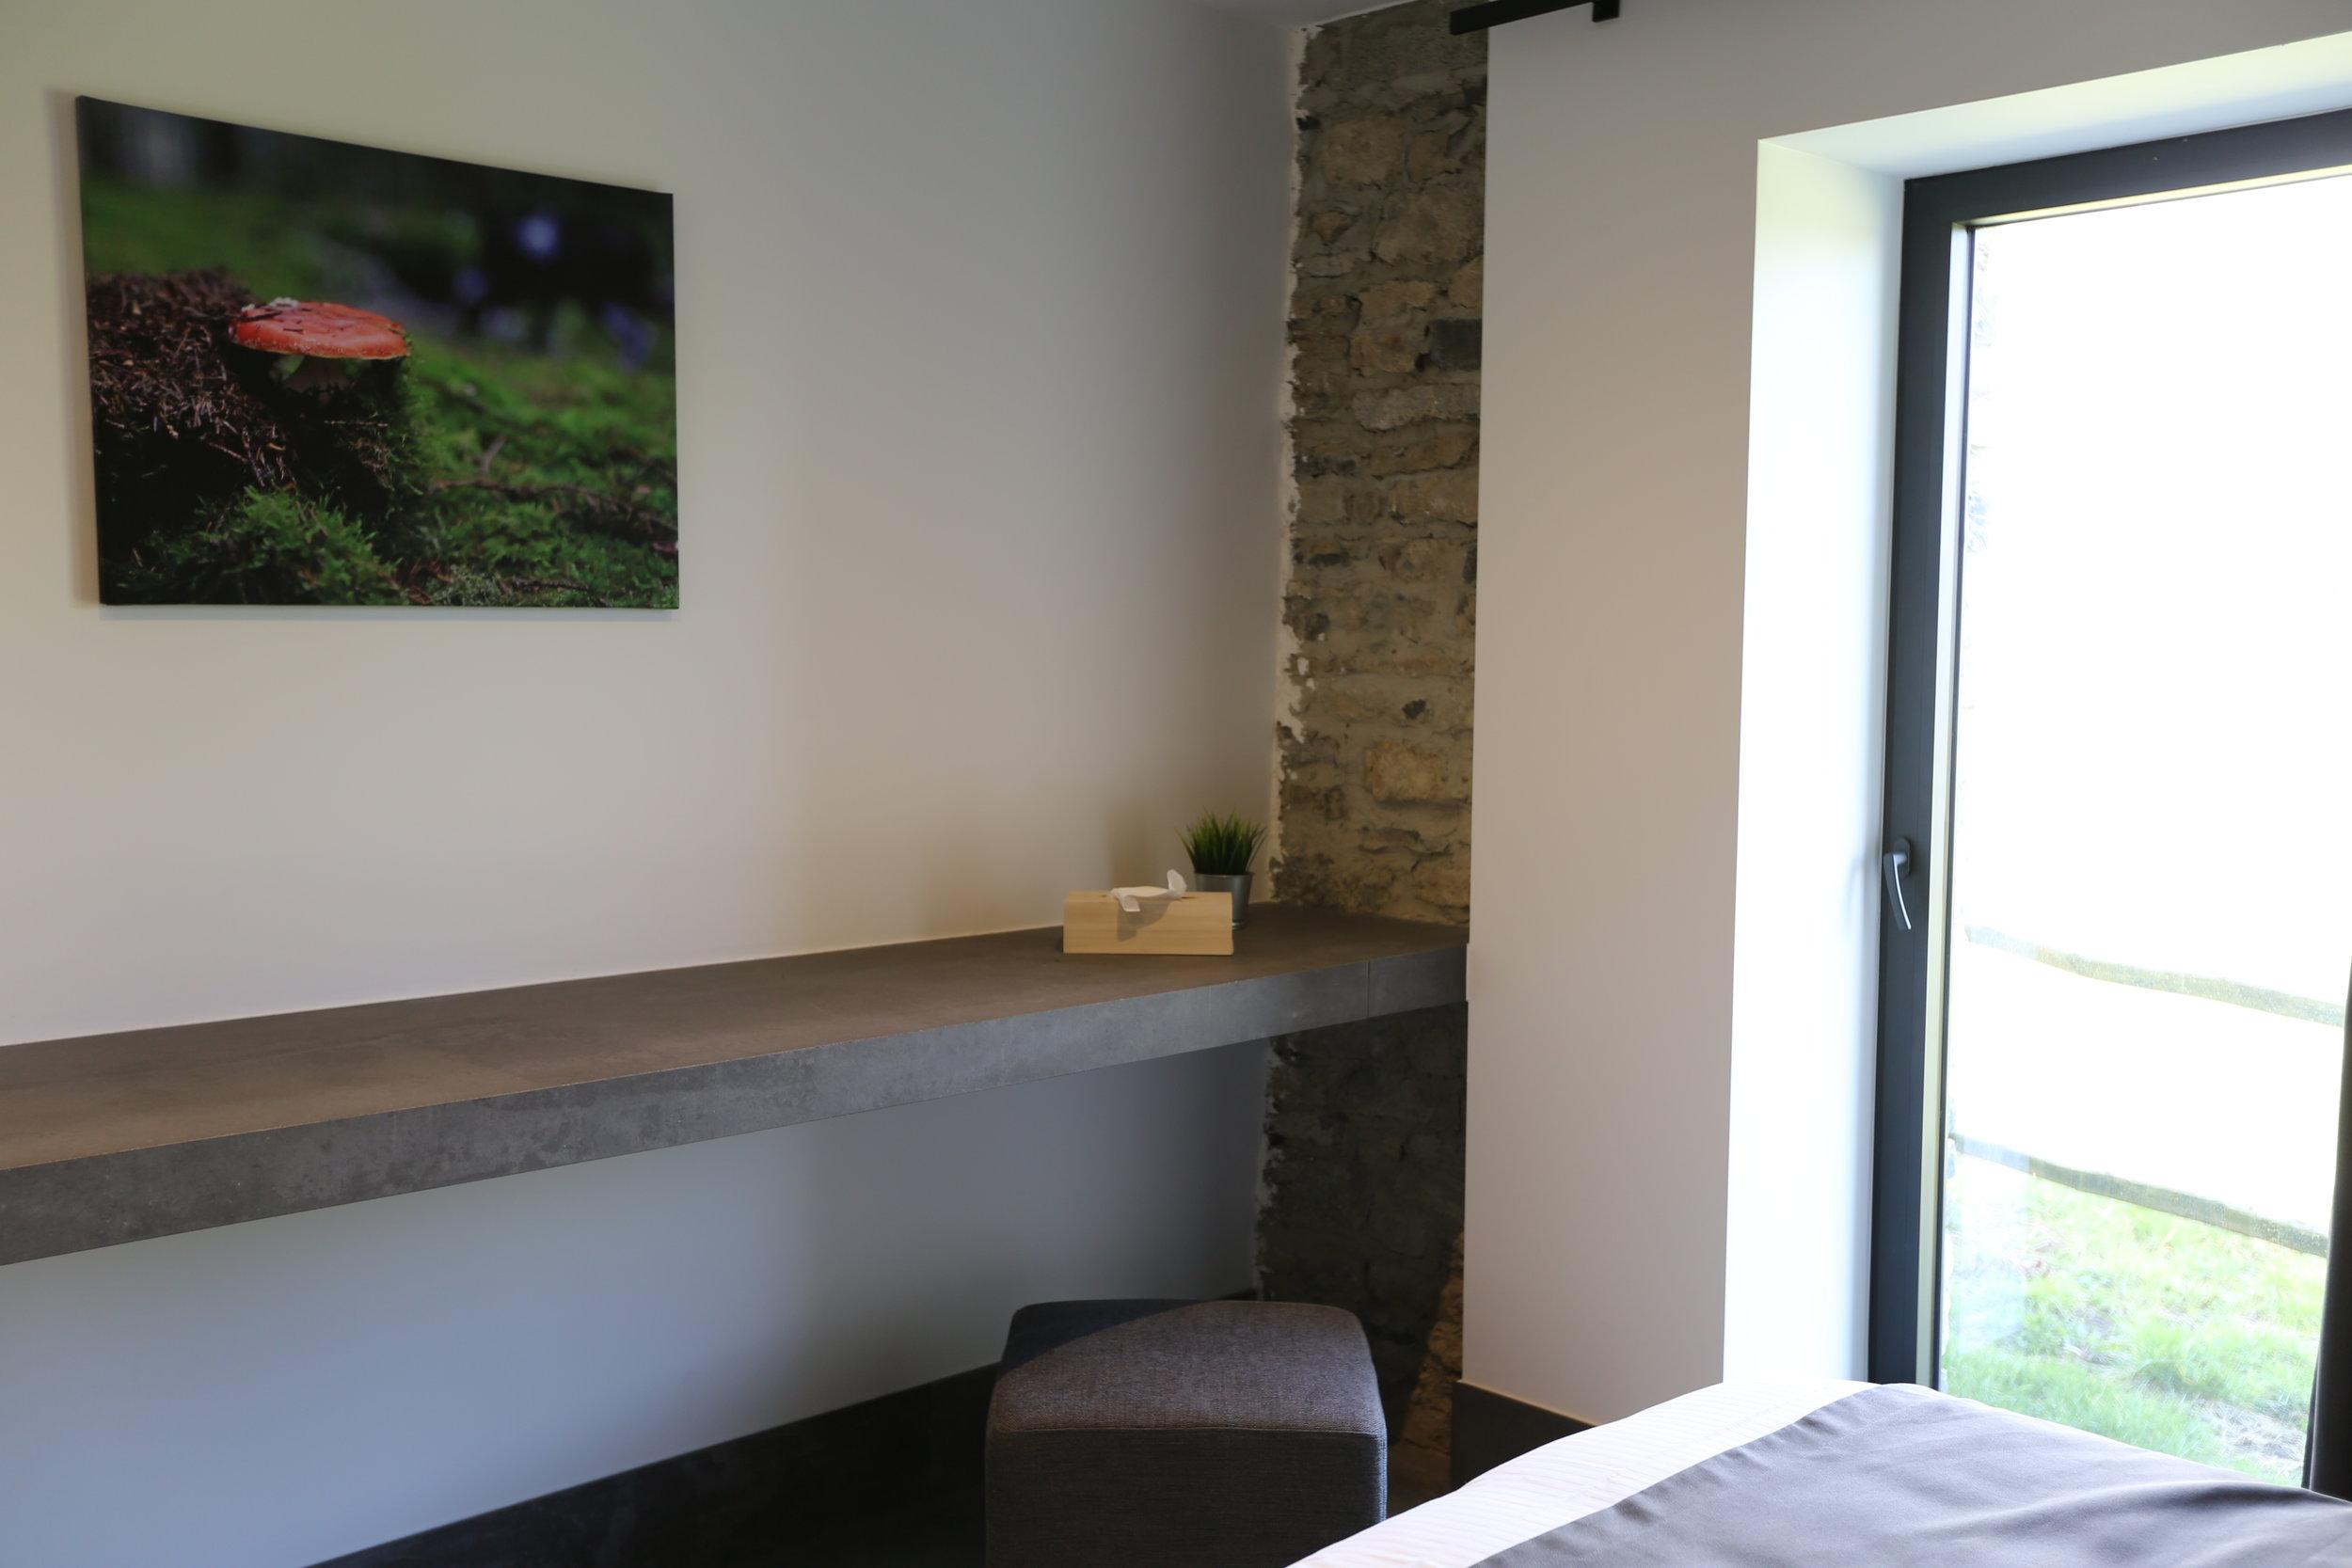 Room 3, Rochefort, Belgium